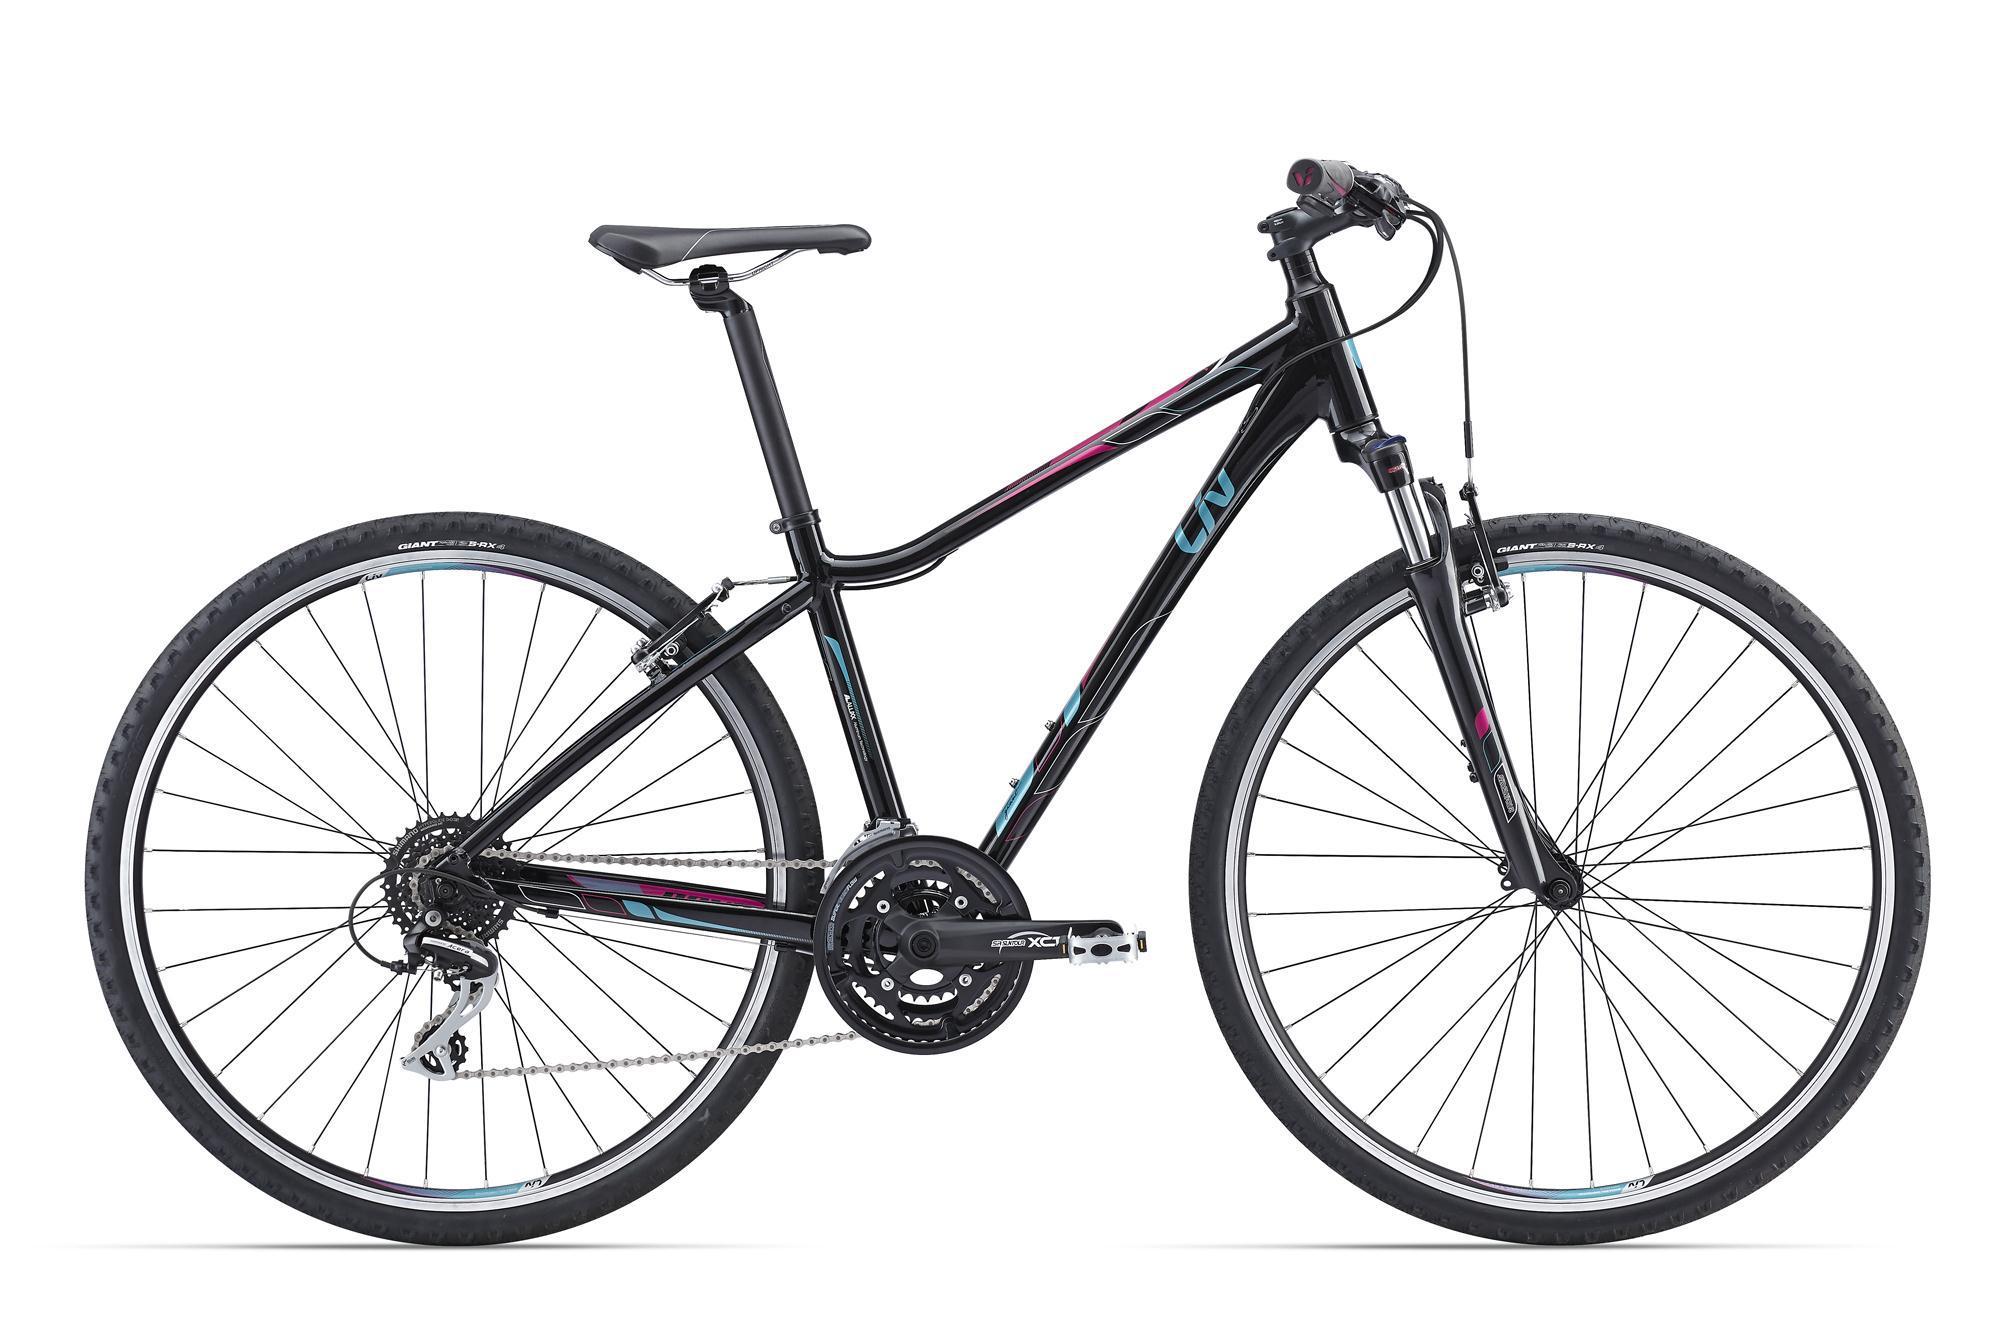 Giant Rove 3 DD (2016)Дорожные<br>Если взять скорость шоссейного велосипеда, совместить ее с комфортом горного, добавить туда специально разработанную женскую геометрию Liv от Giant и красивый внешний вид, то получится именно такая радующая глаз модель – Rove 3 DD от Giant. На своих больших колесах 700с он оказался очень скоростным, не потеряв в маневренности и удобстве.<br>Рама разработана с учетом нюансов женского строения, ее также сделали очень легкой - в этом помог специальный алюминиевый сплав ALUXX. На нем установлена амортизационная вилка с блокировкой и переключение на 24 скорости. В раме предусмотрены крепления под дисковый тормоз на случай, если захочется чего-то большего.<br>